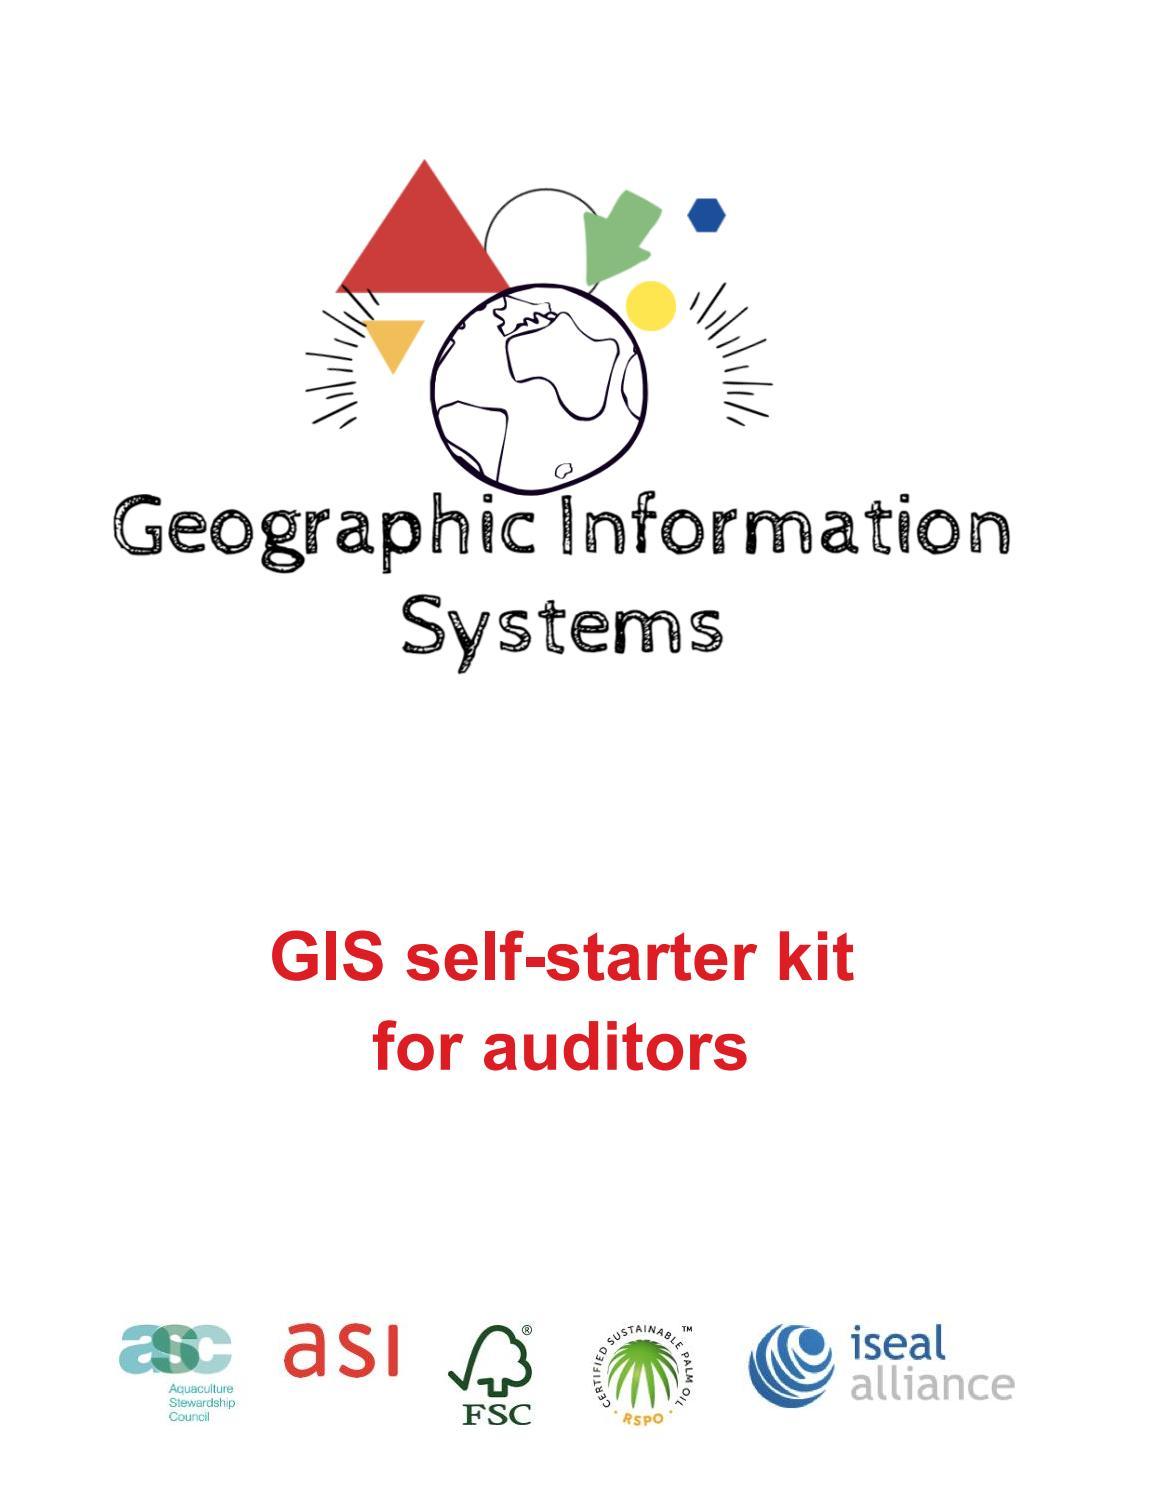 GIS Self-Starter Kit for Auditors by ASI - Assurance